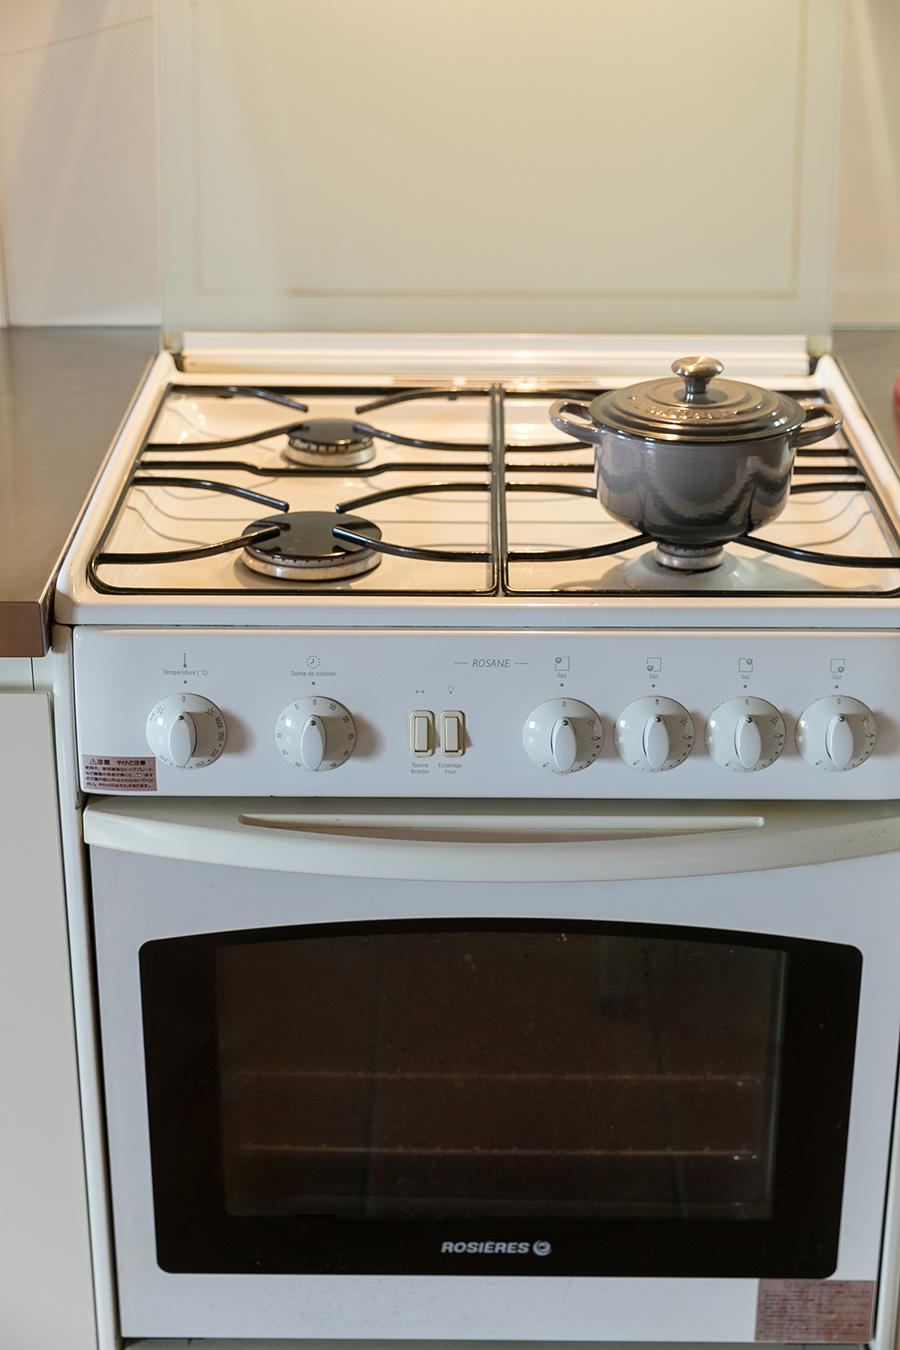 日本では見慣れないガラス蓋付きのガスコンロは、フランスの老舗キッチン機器ブランド「ROSIERES(ロジェール)」のもの。